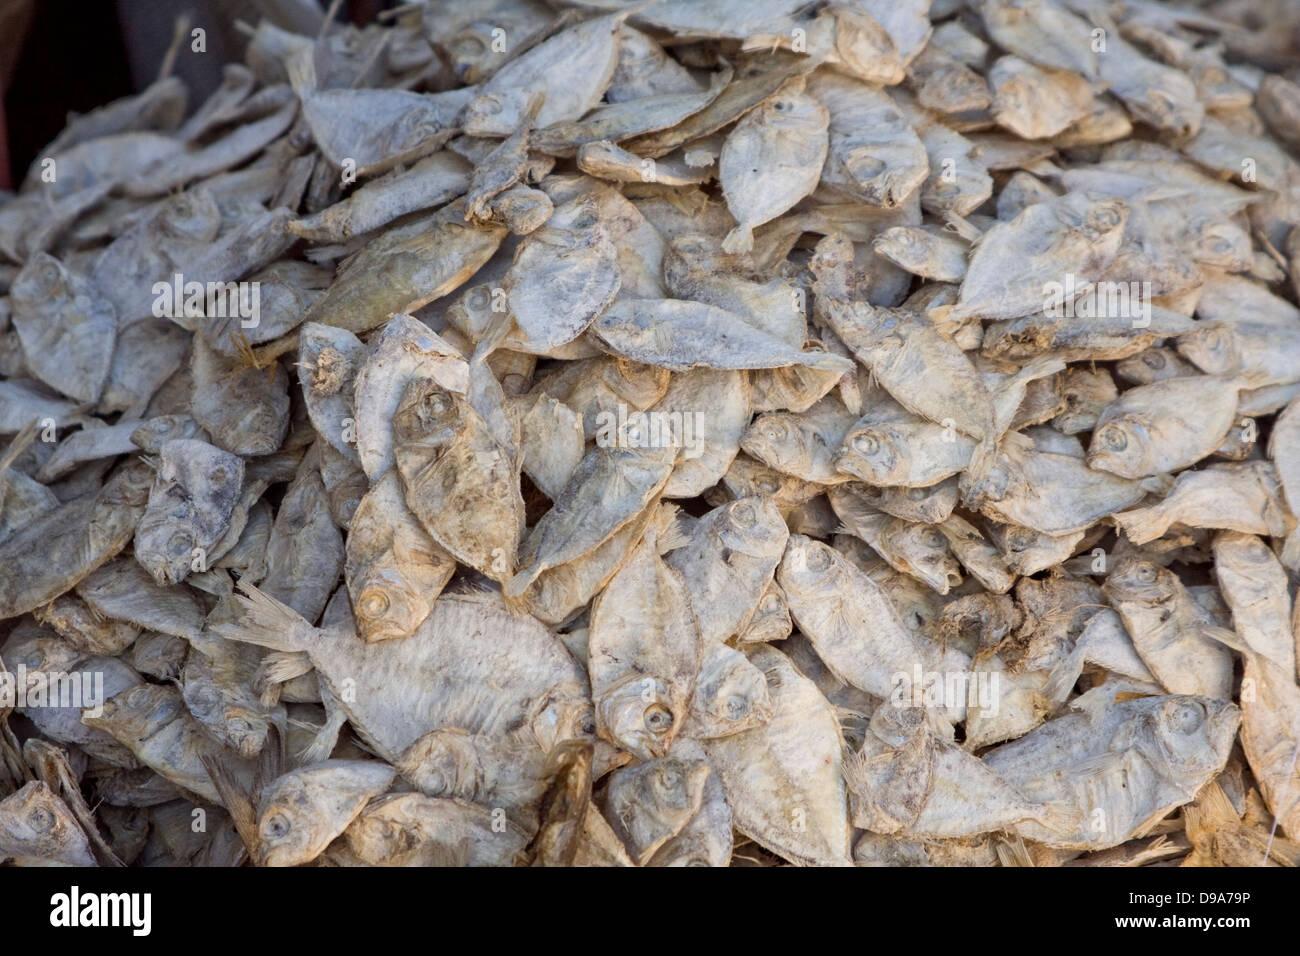 Asien, Indien, Karnataka, Madikeri, getrockneter Fisch auf dem Markt Stockbild